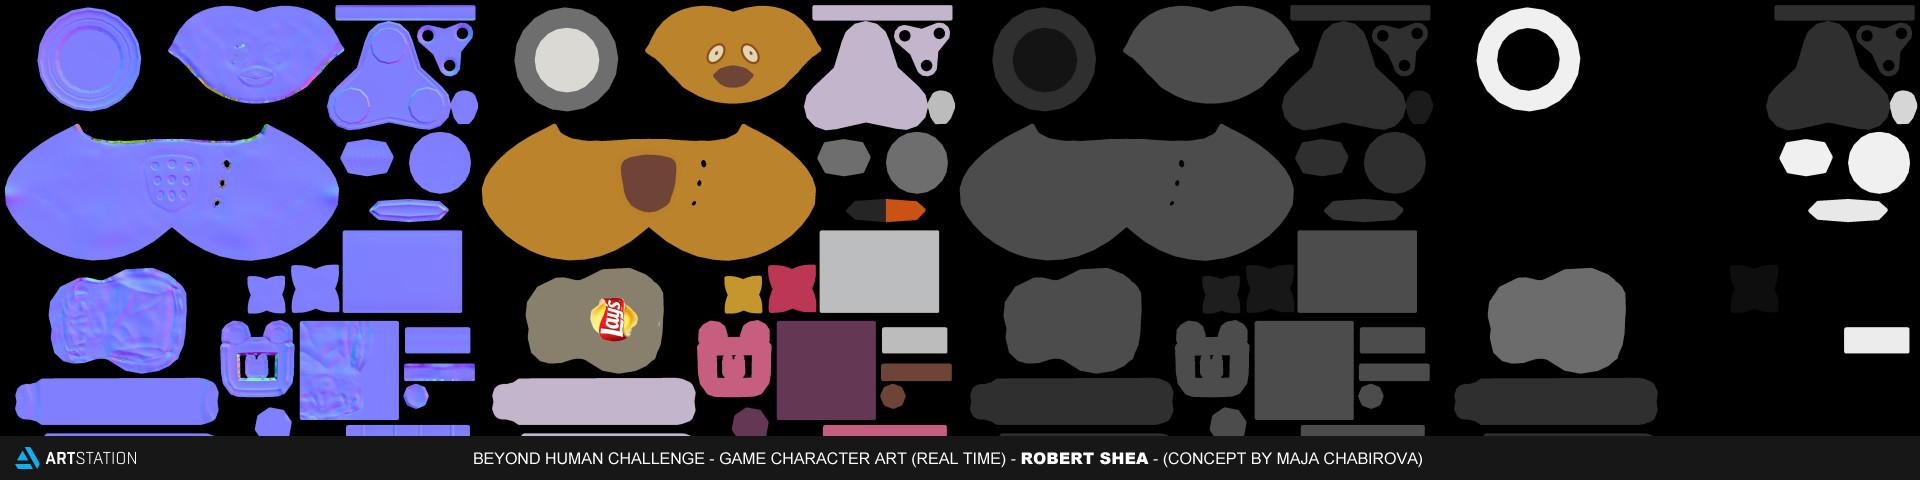 Robert shea accessorytextures